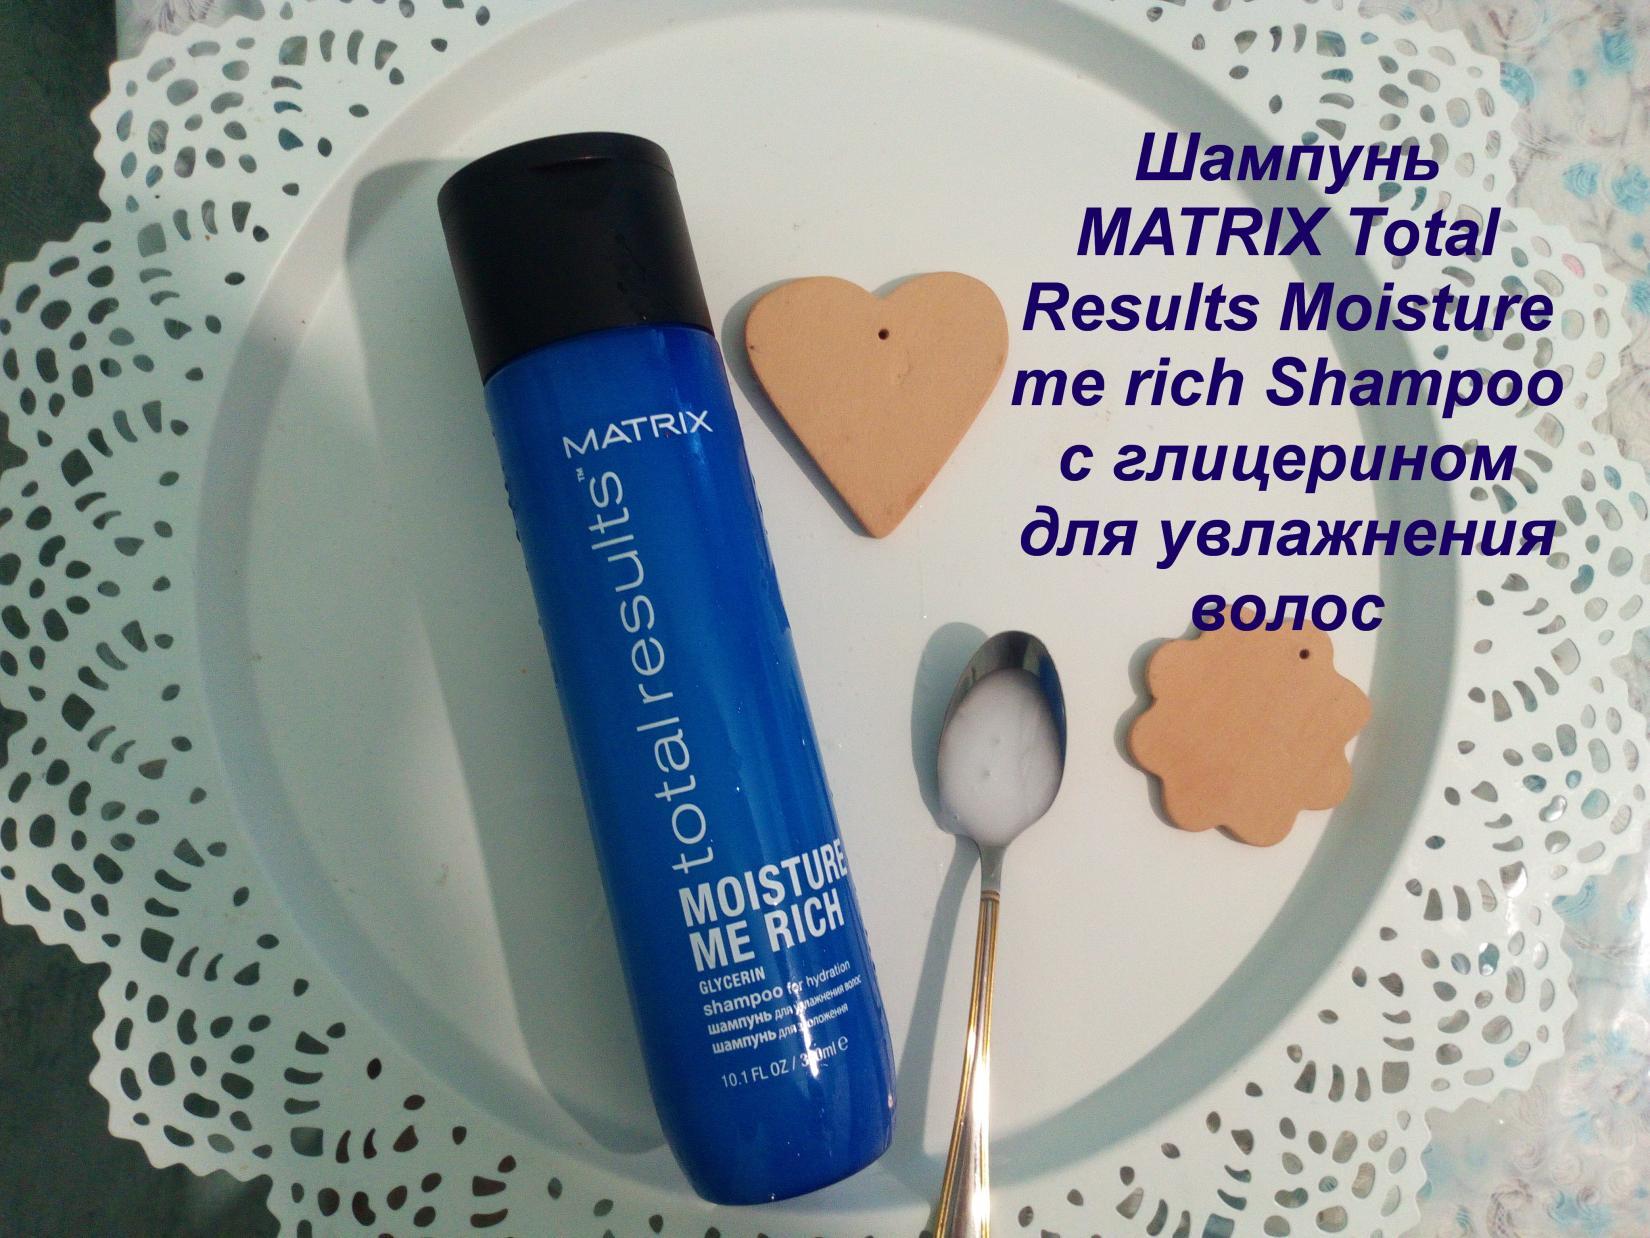 Шампунь Matrix Moisture Me Rich для увлажнения волос с глицерином